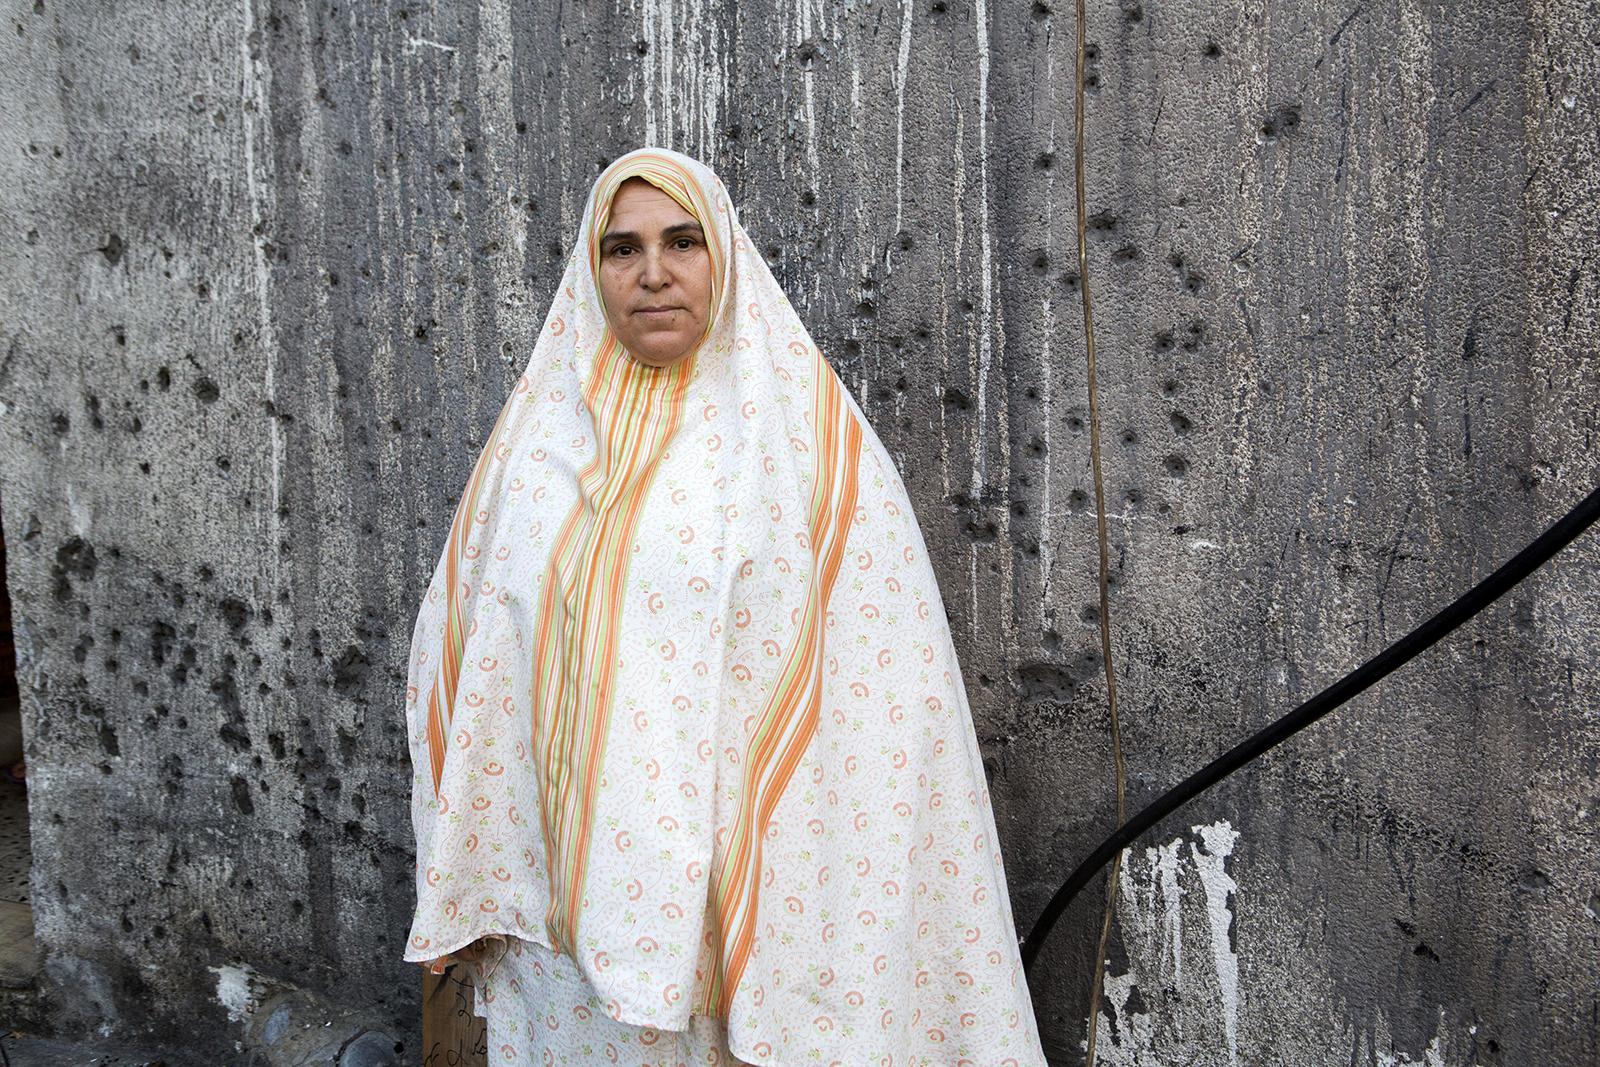 Comment peut-on obtenir nos droits?  – demande NajjaAl-Khalili qui a perdu deux fils et quatre petits-enfants dans l'attaque.